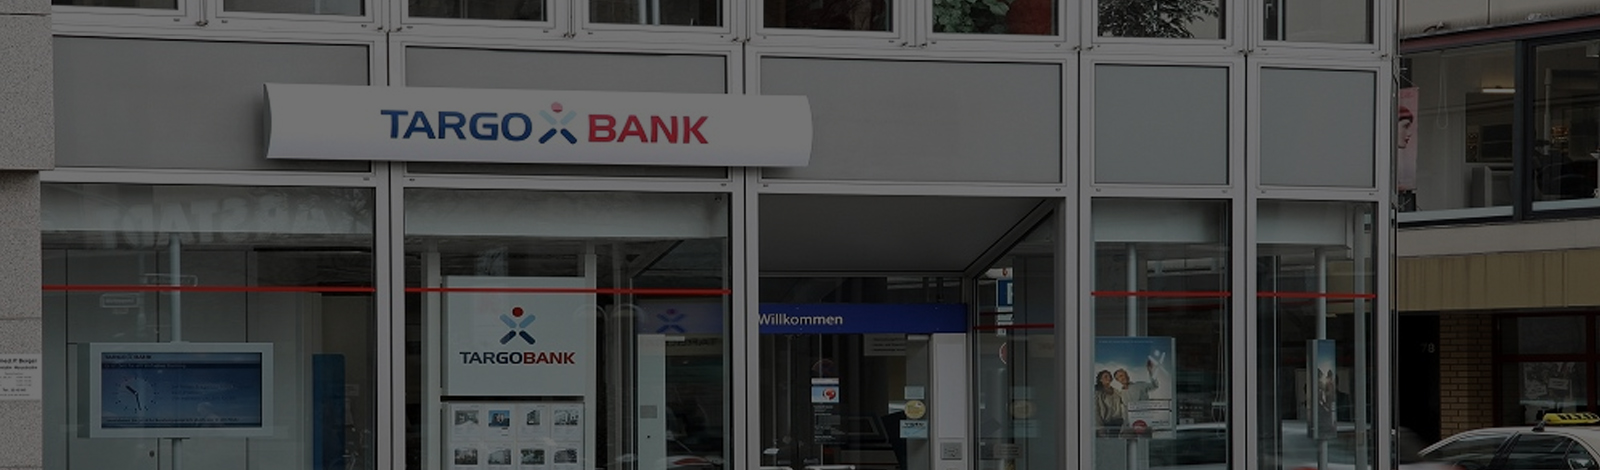 slider_targobank